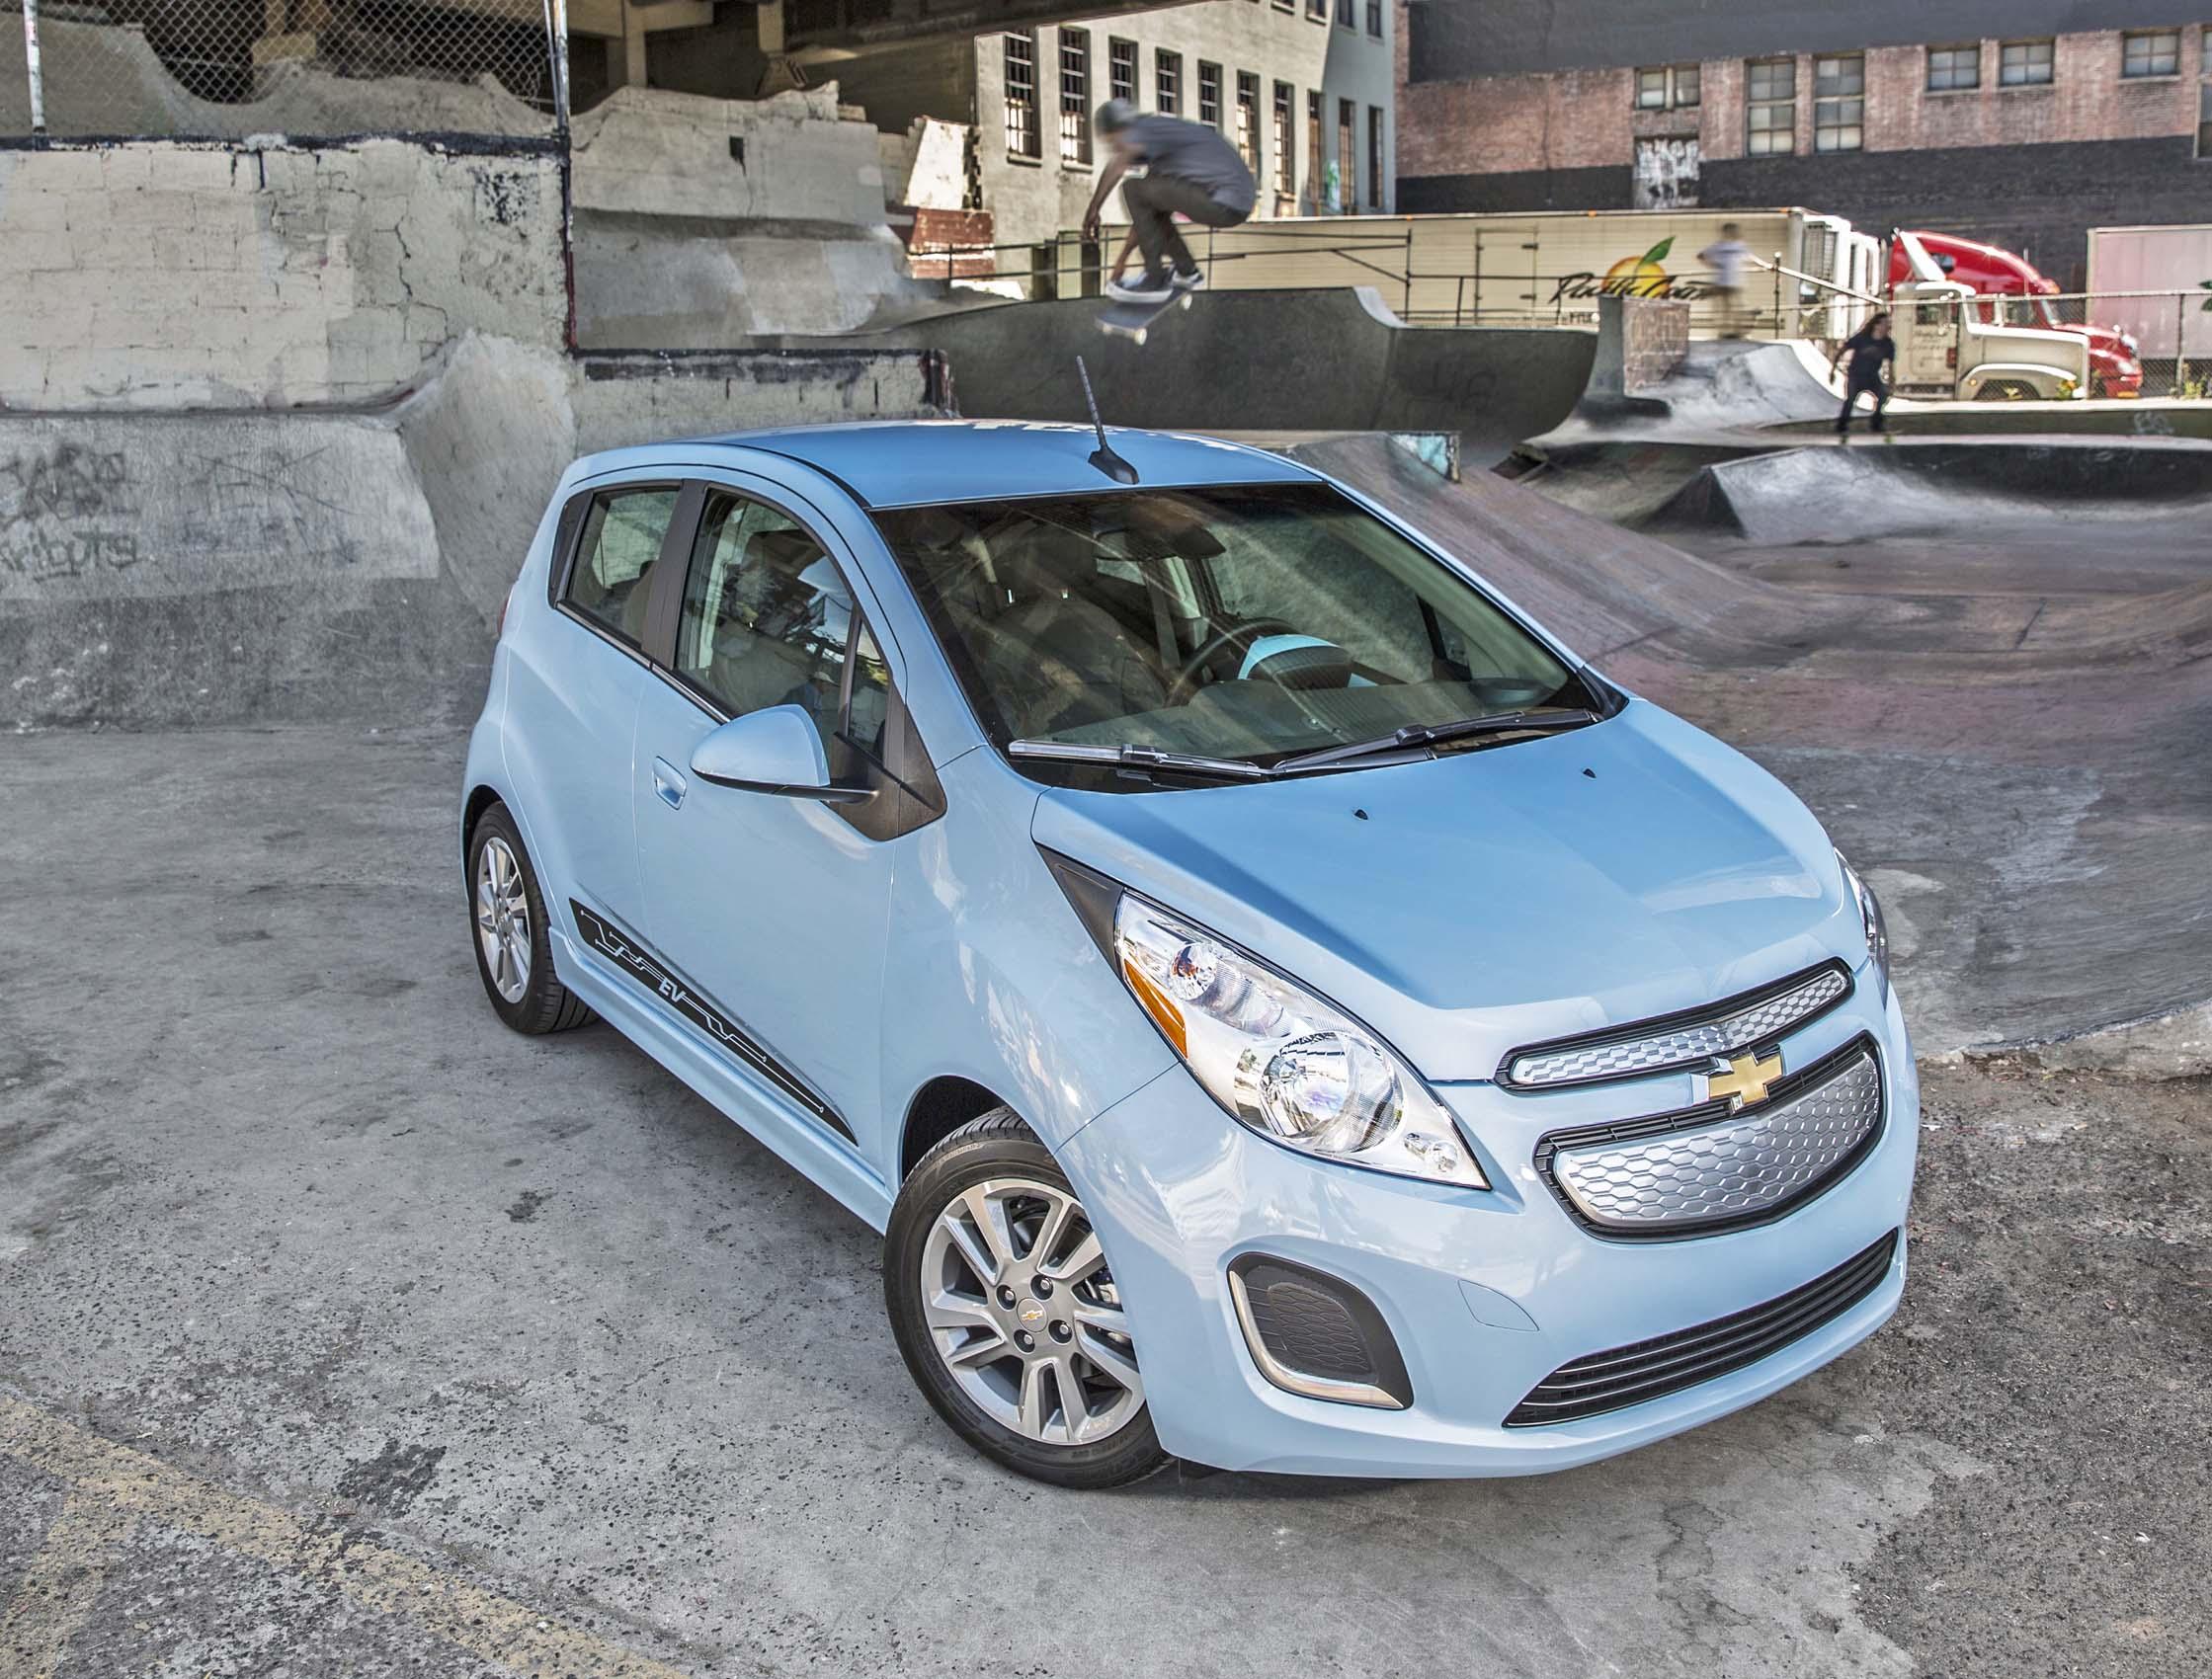 2014 Chevrolet Spark EV Test Drive – Our Auto Expert